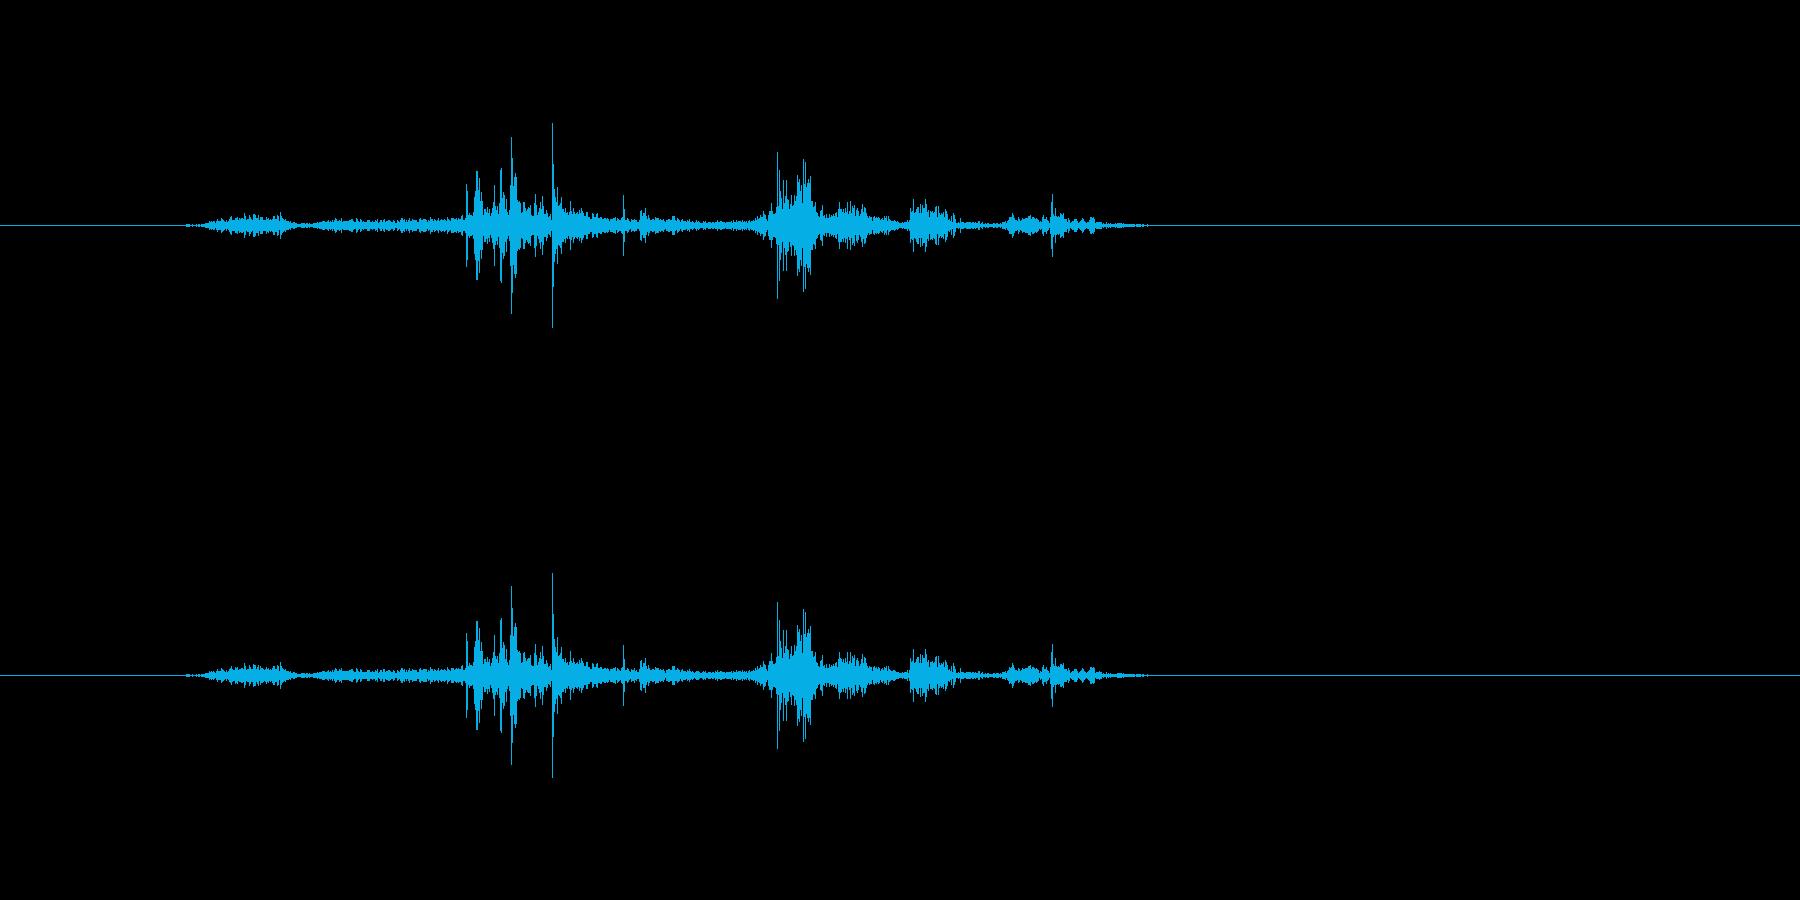 【雑誌01-2(めくる)】の再生済みの波形